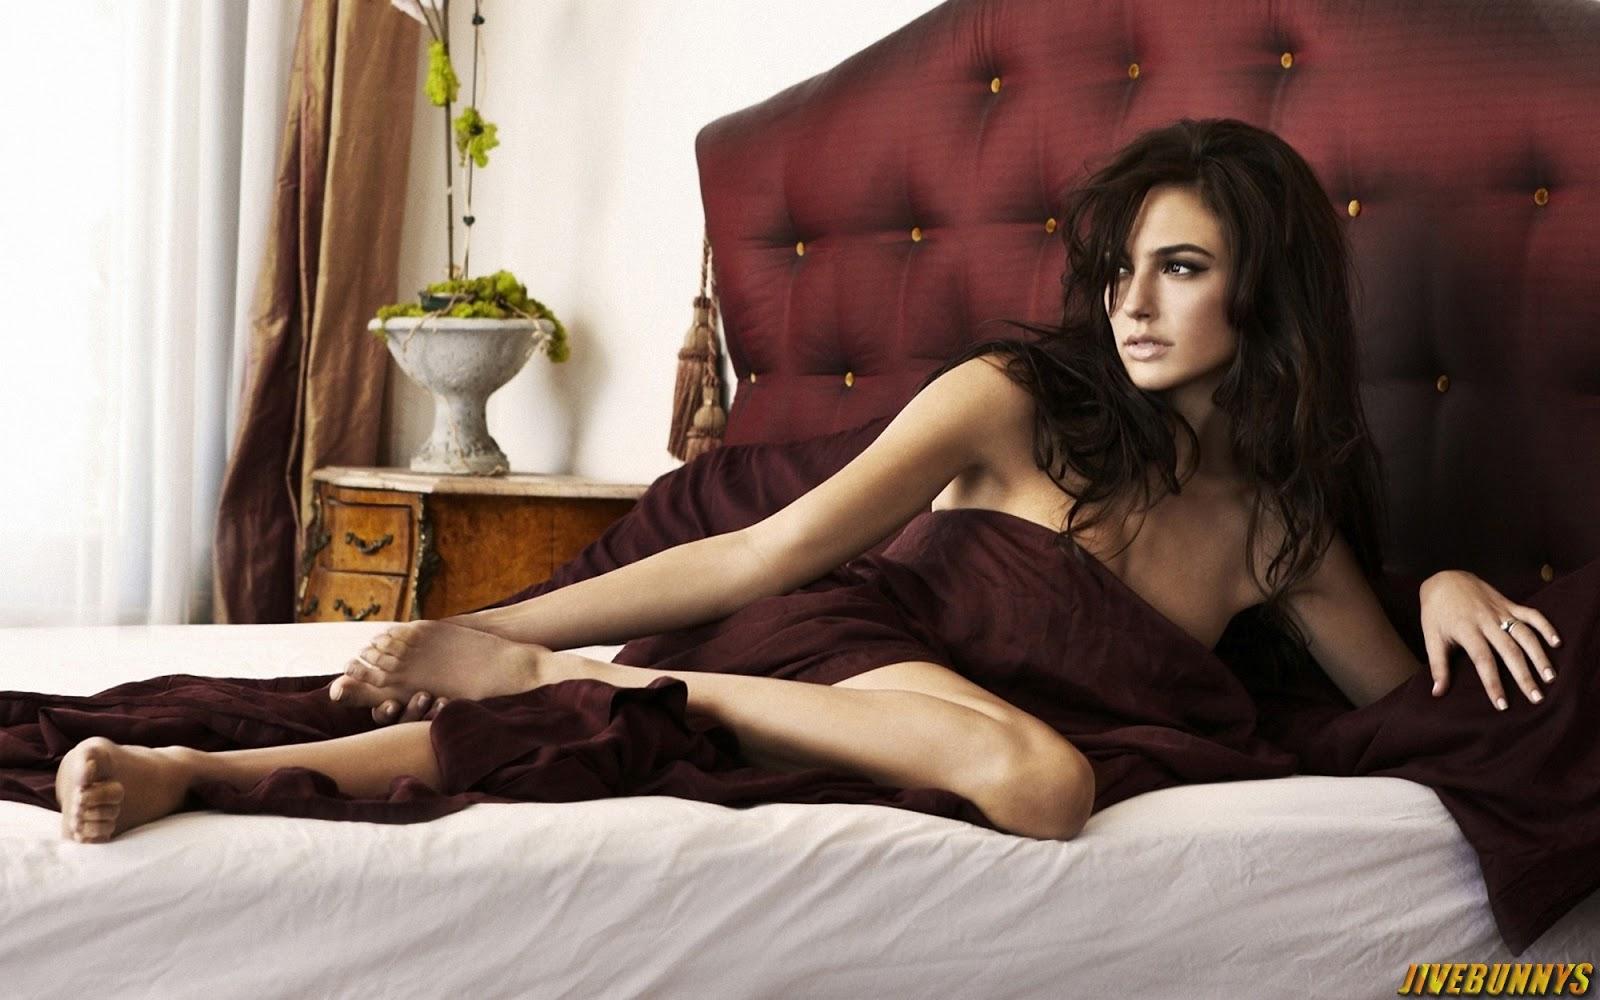 hot actress gal gadot - photo #20